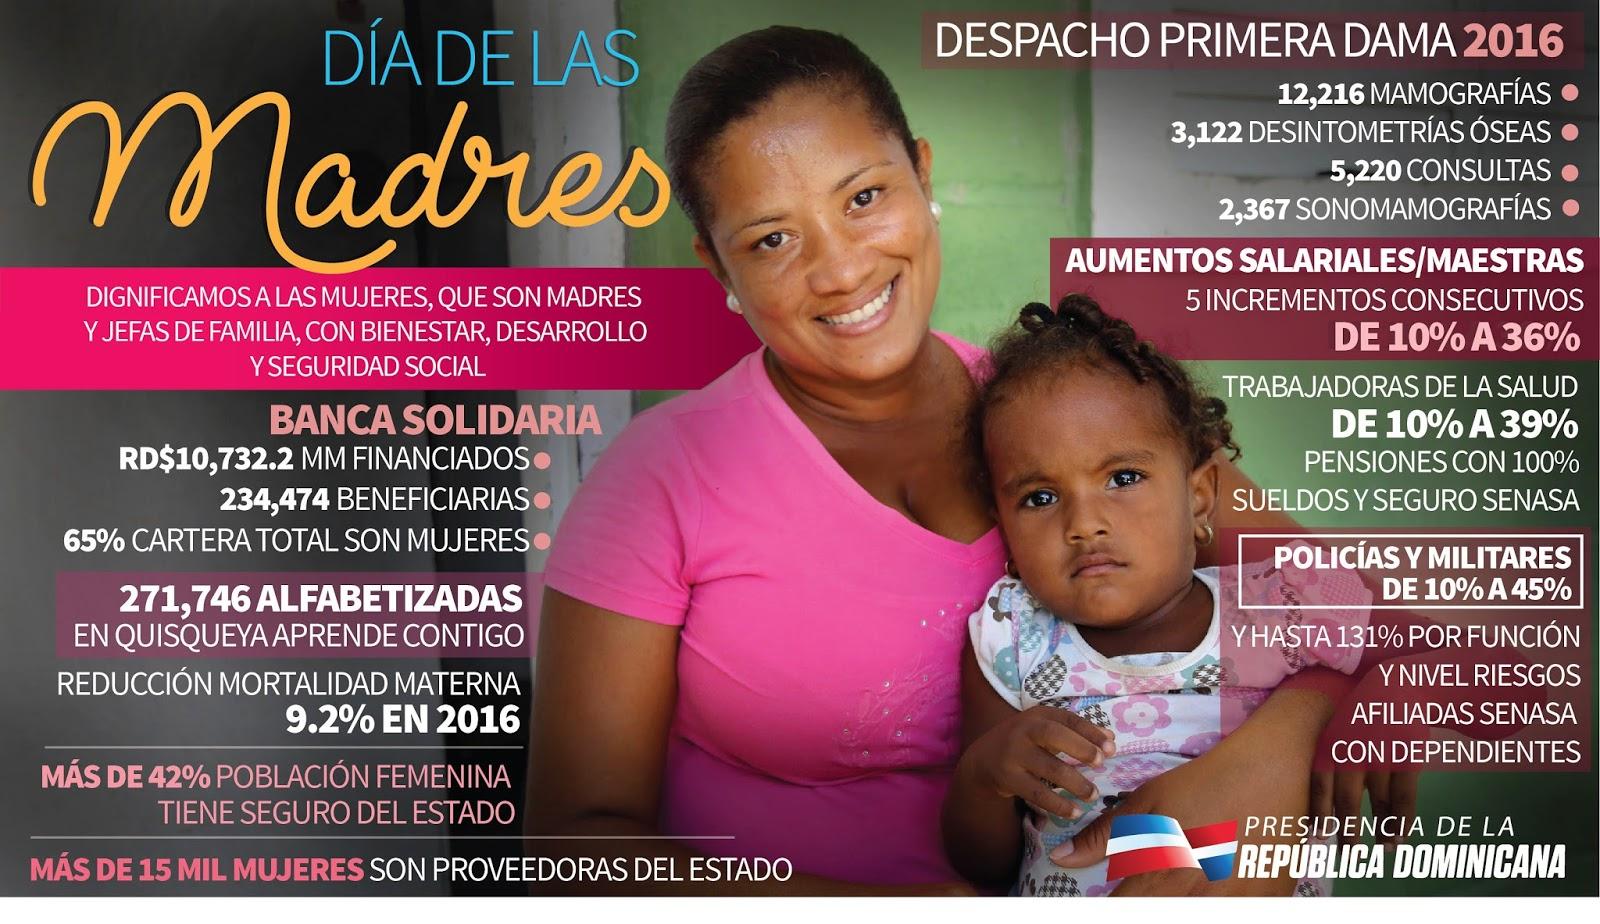 Día de las madres. Infografía